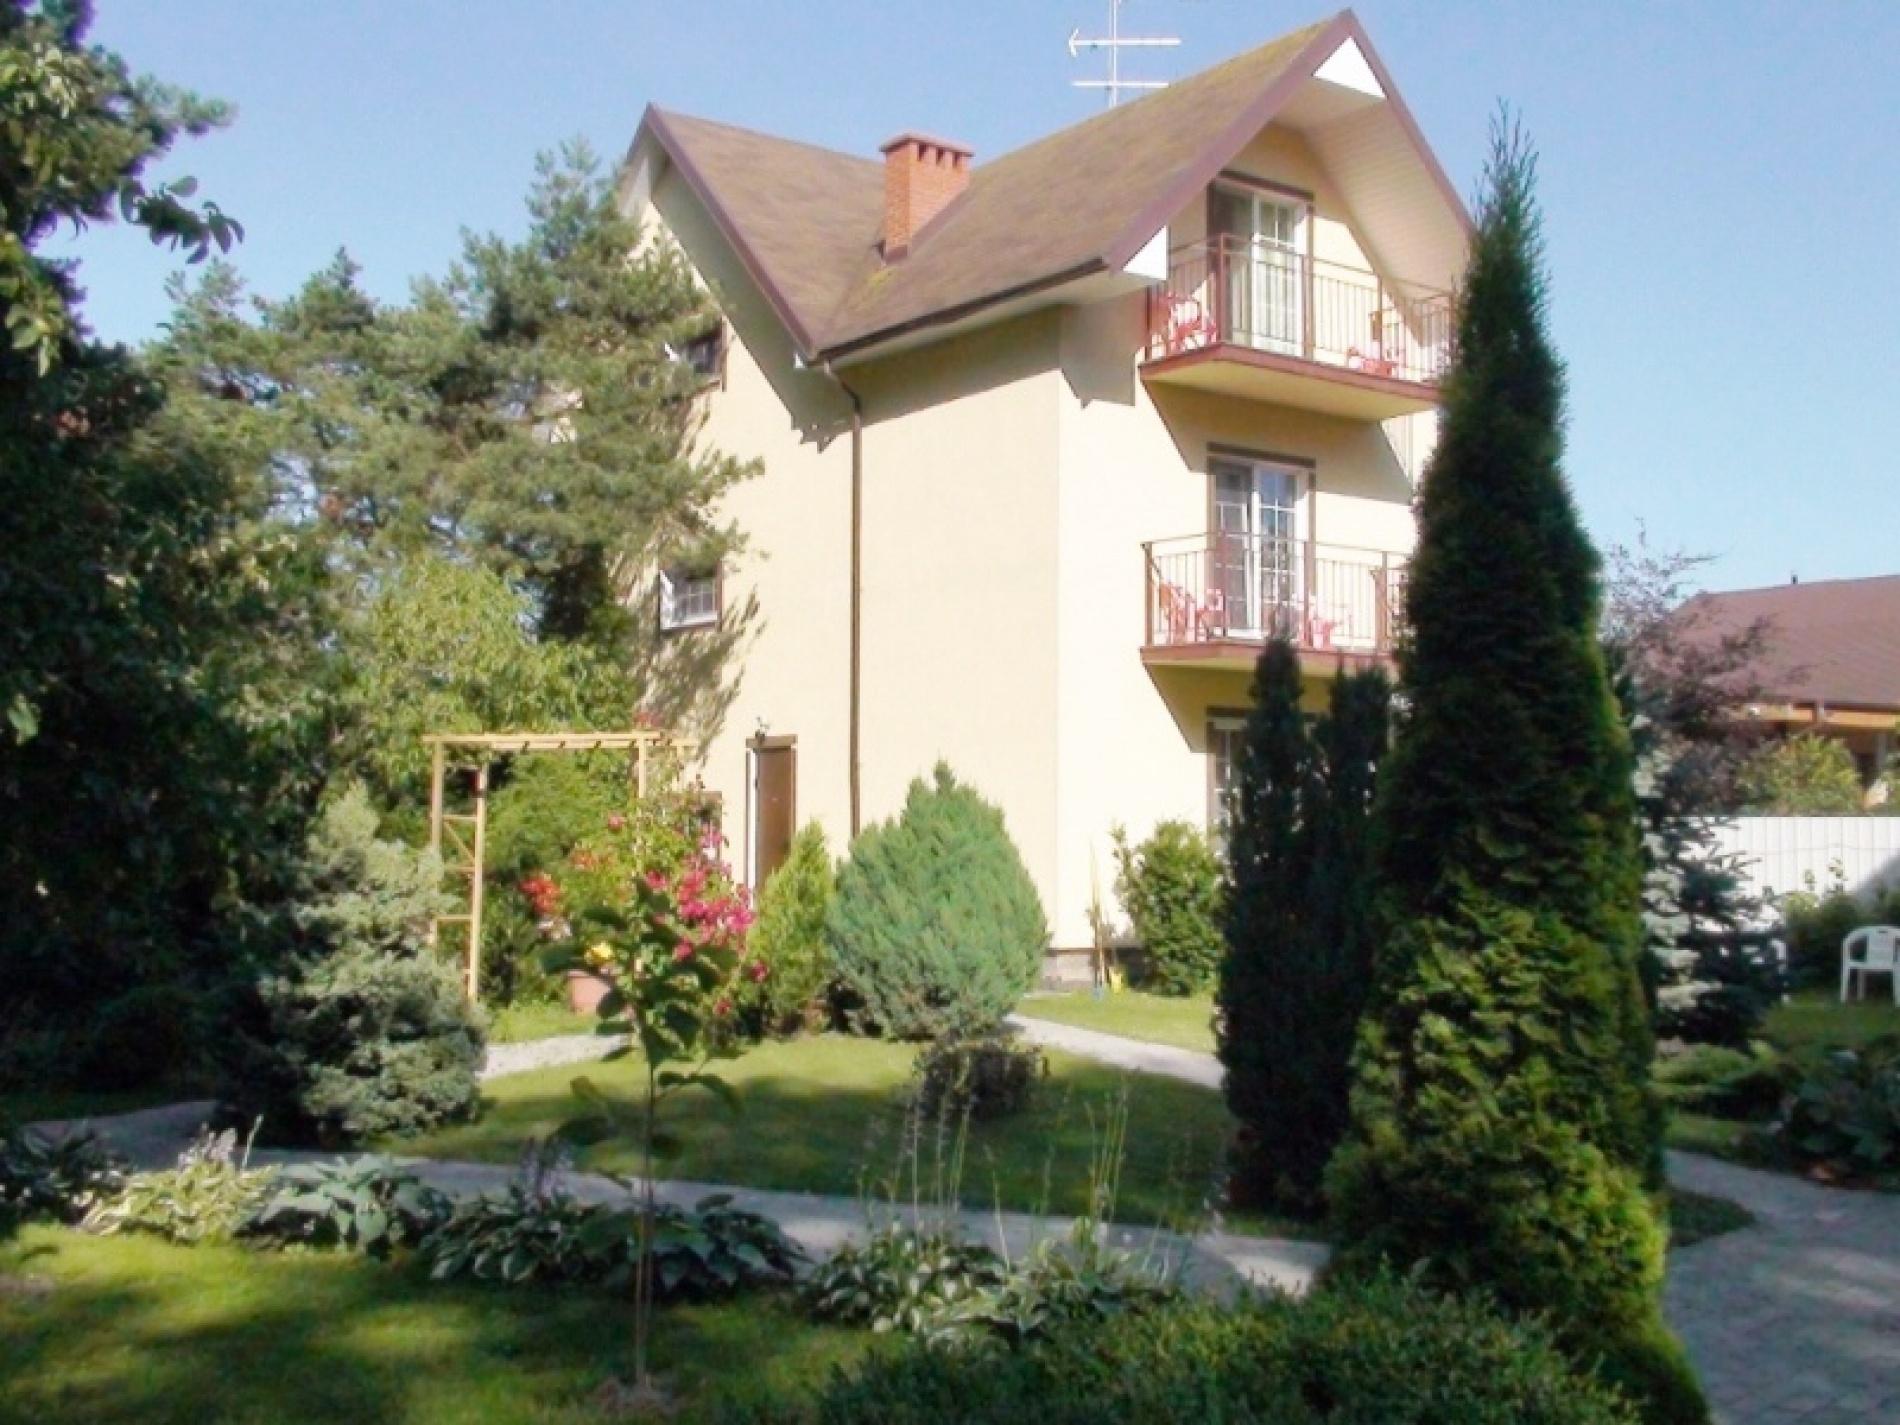 Гостевой дом «Понарт» Калининградская область, фото 6